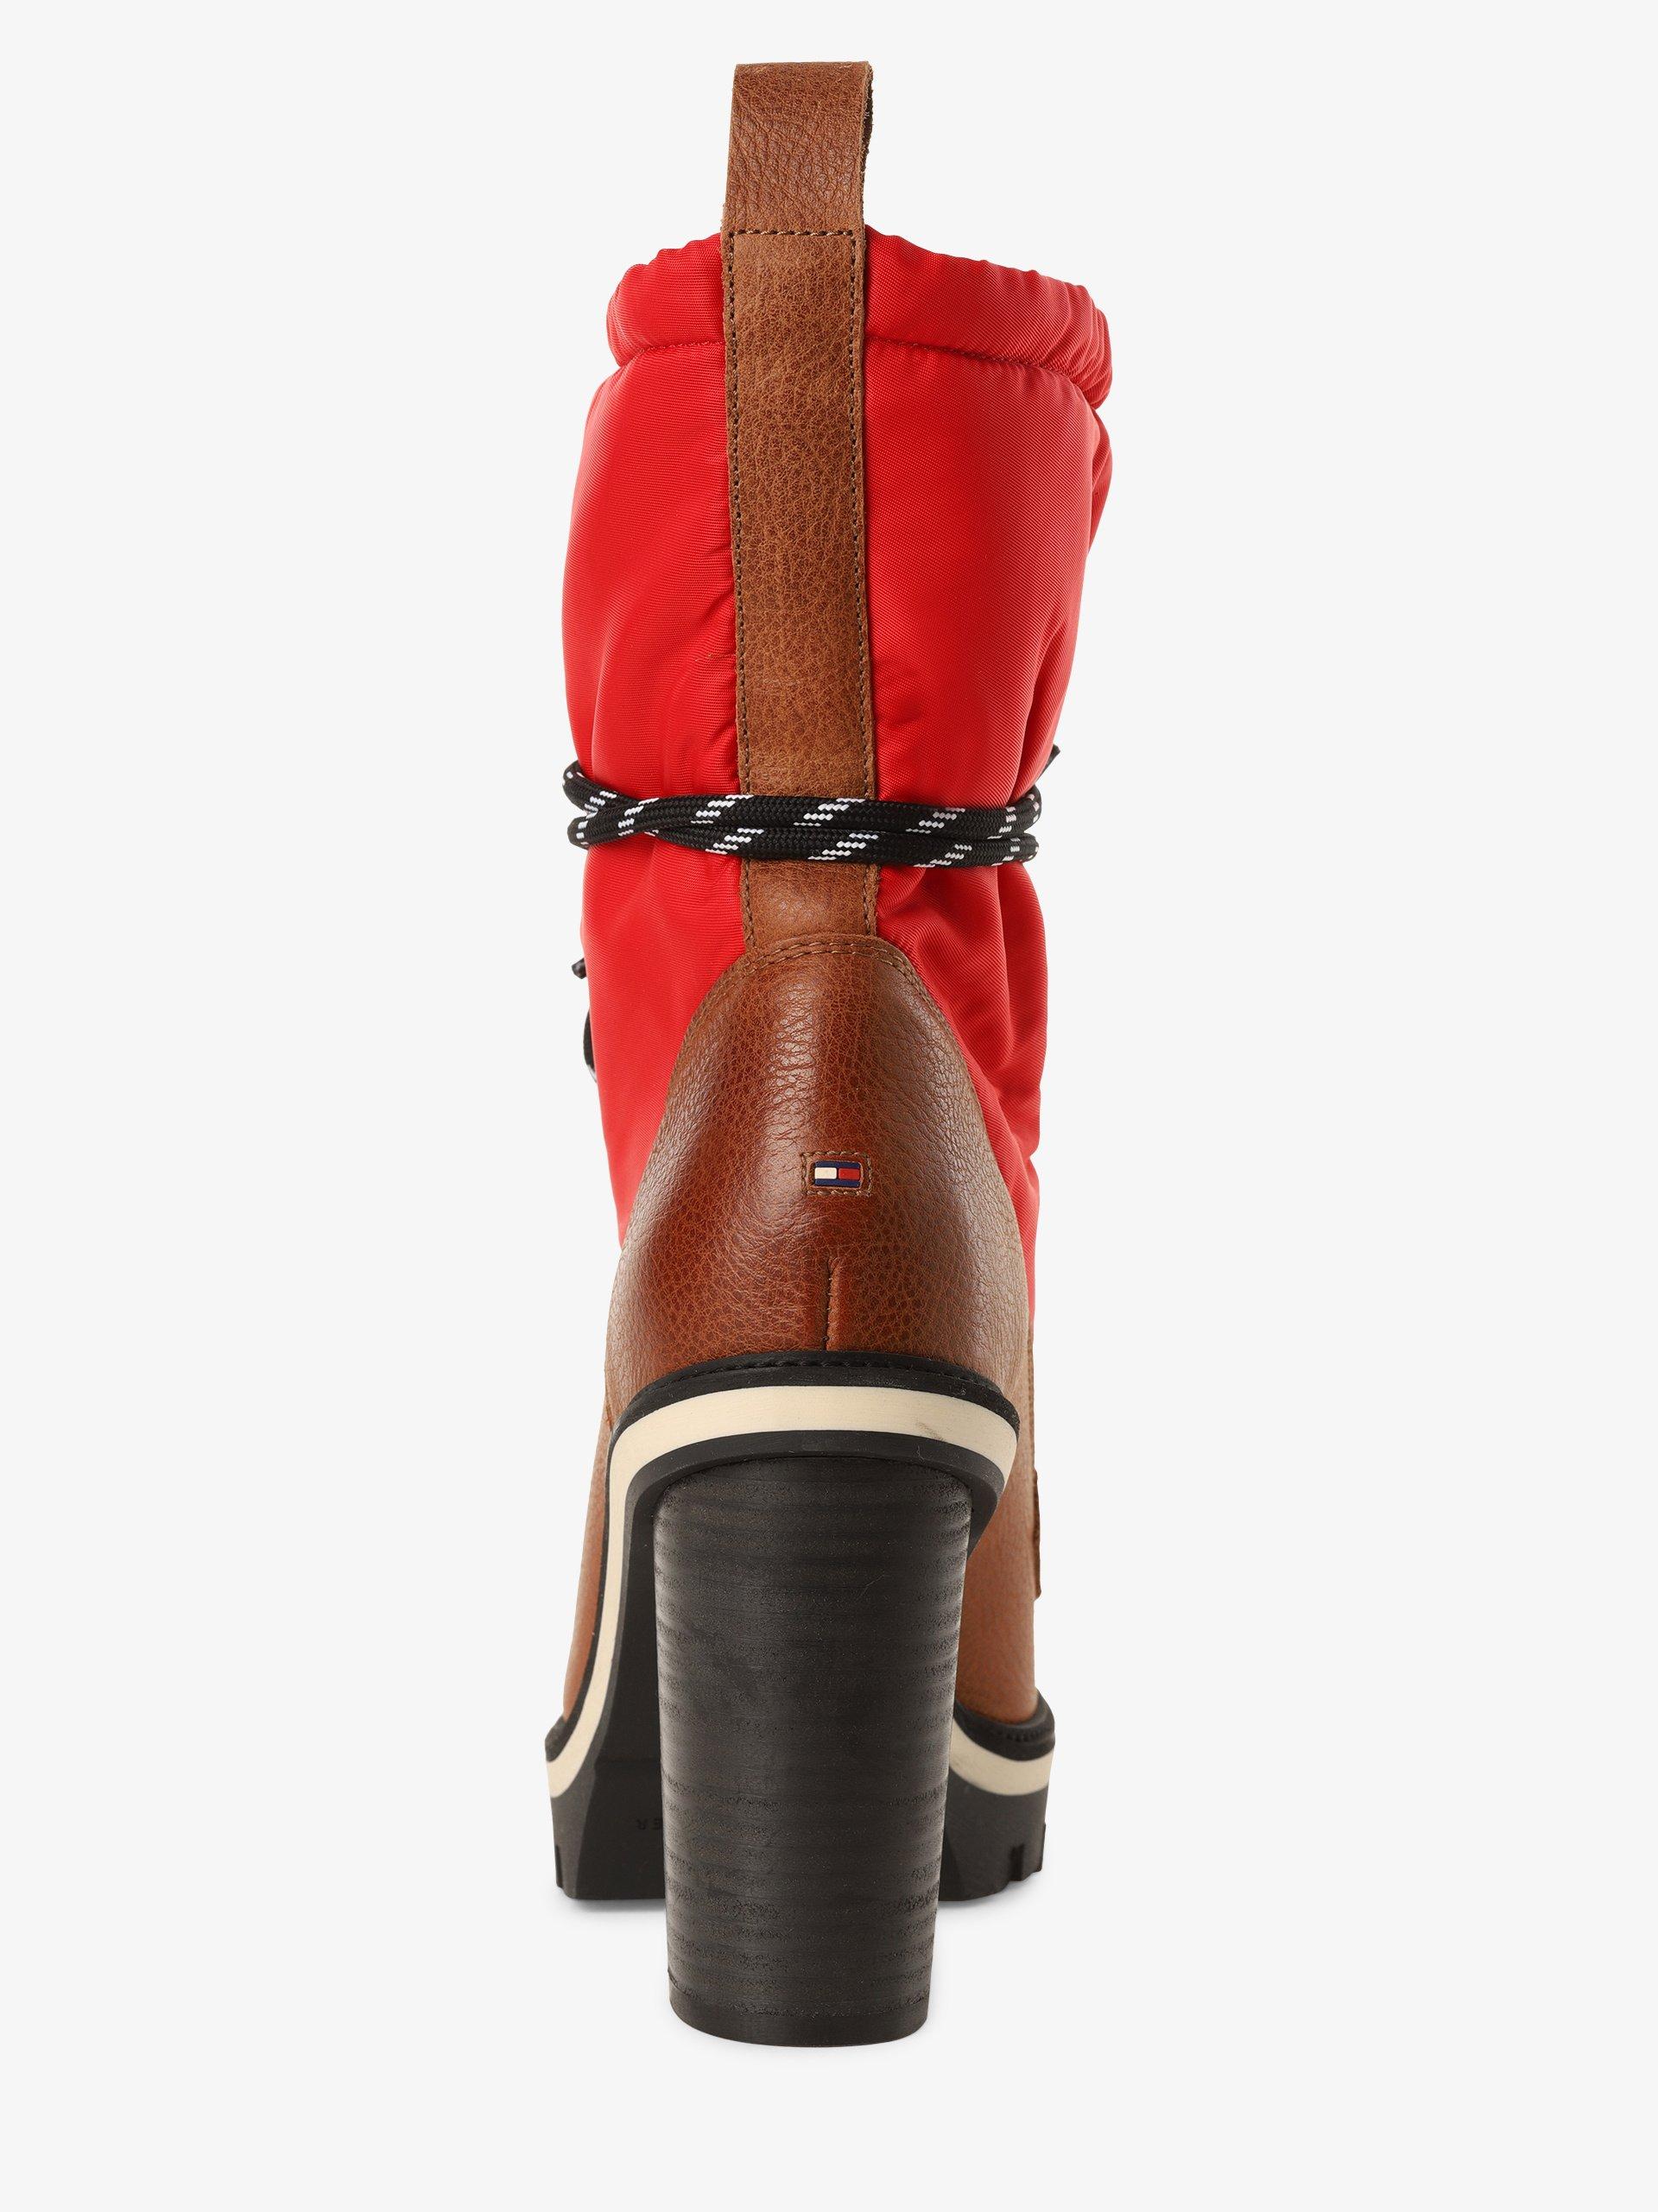 Tommy Hilfiger Damen Stiefeletten aus Leder - Fun Outdoor Nylon Bootie